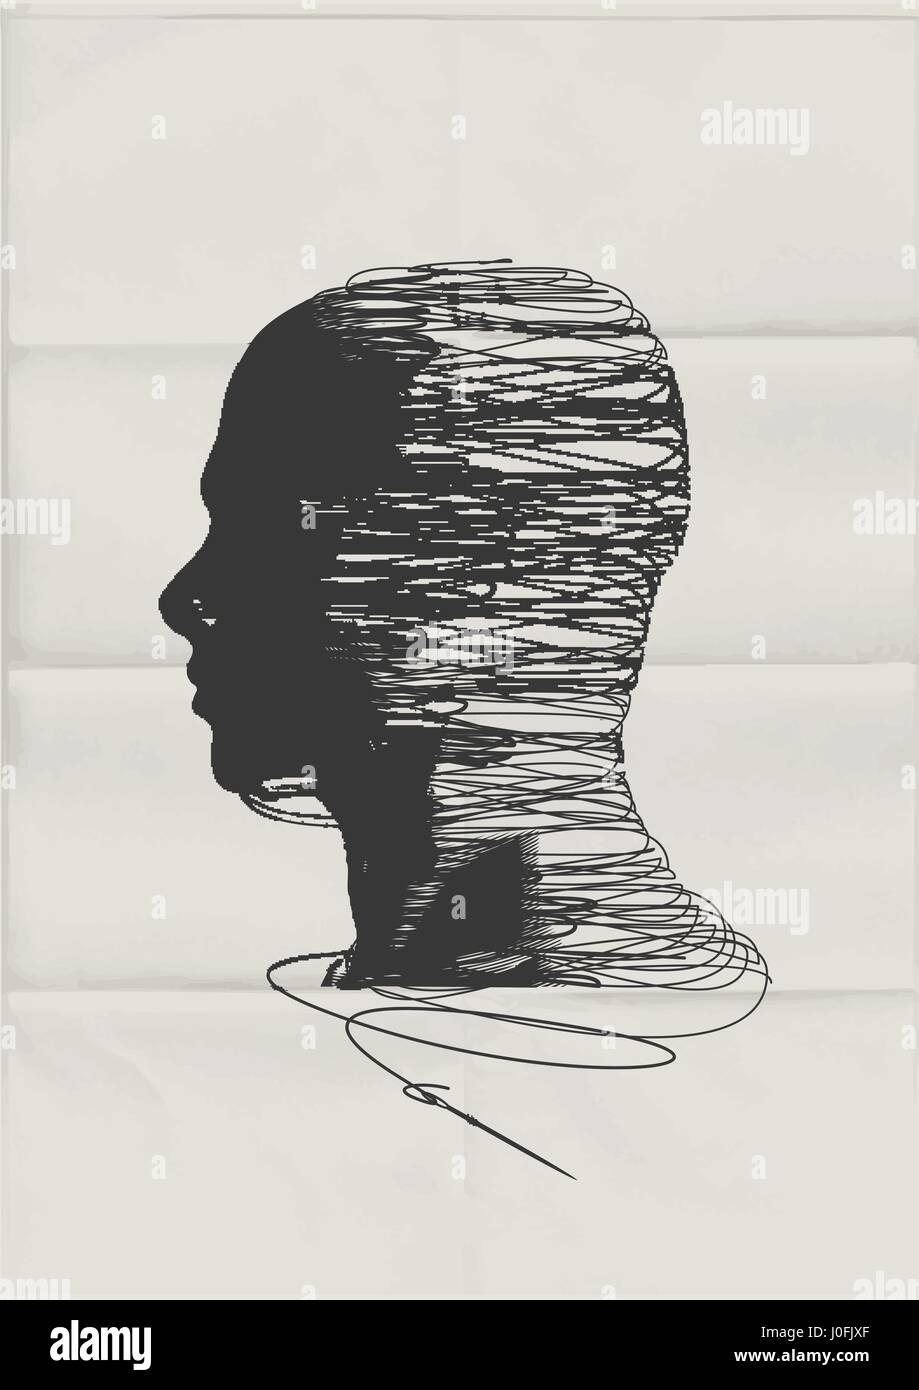 L'esprit humain. La forme de la tête d'un homme empêtré avec filetage de string - concept Photo Stock